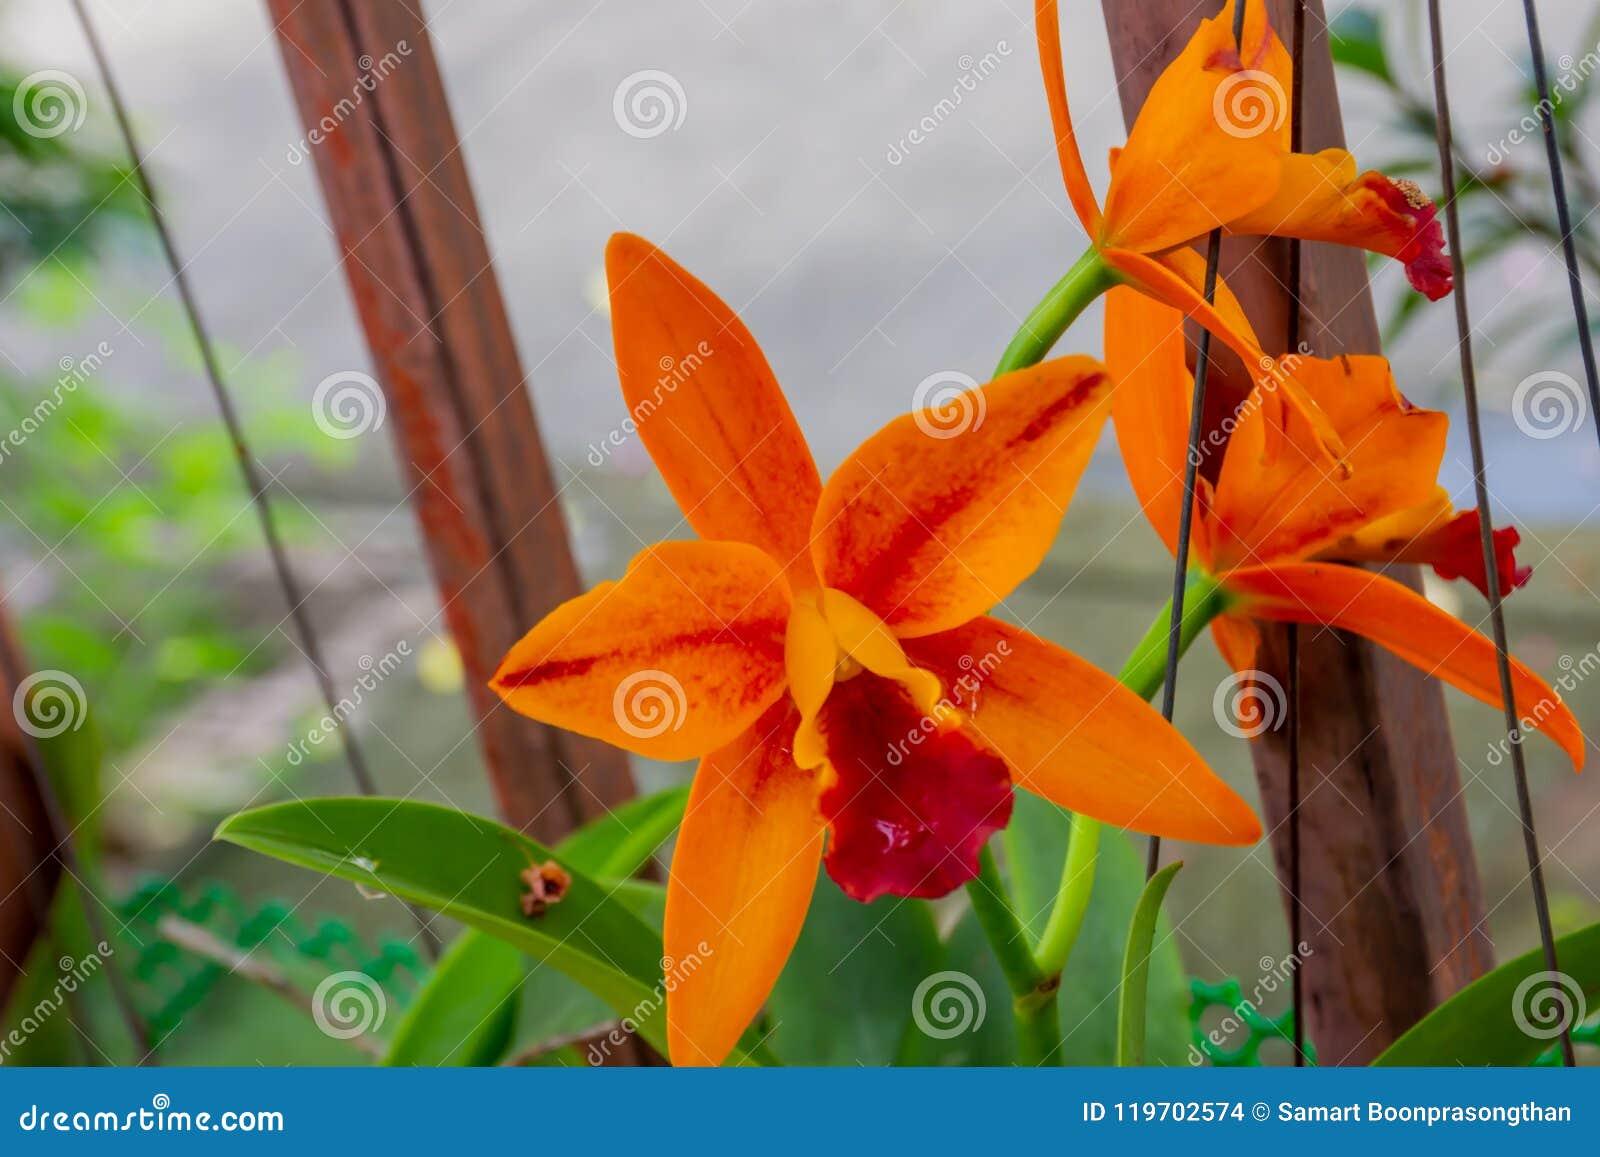 Oranje orchidee in de tuin